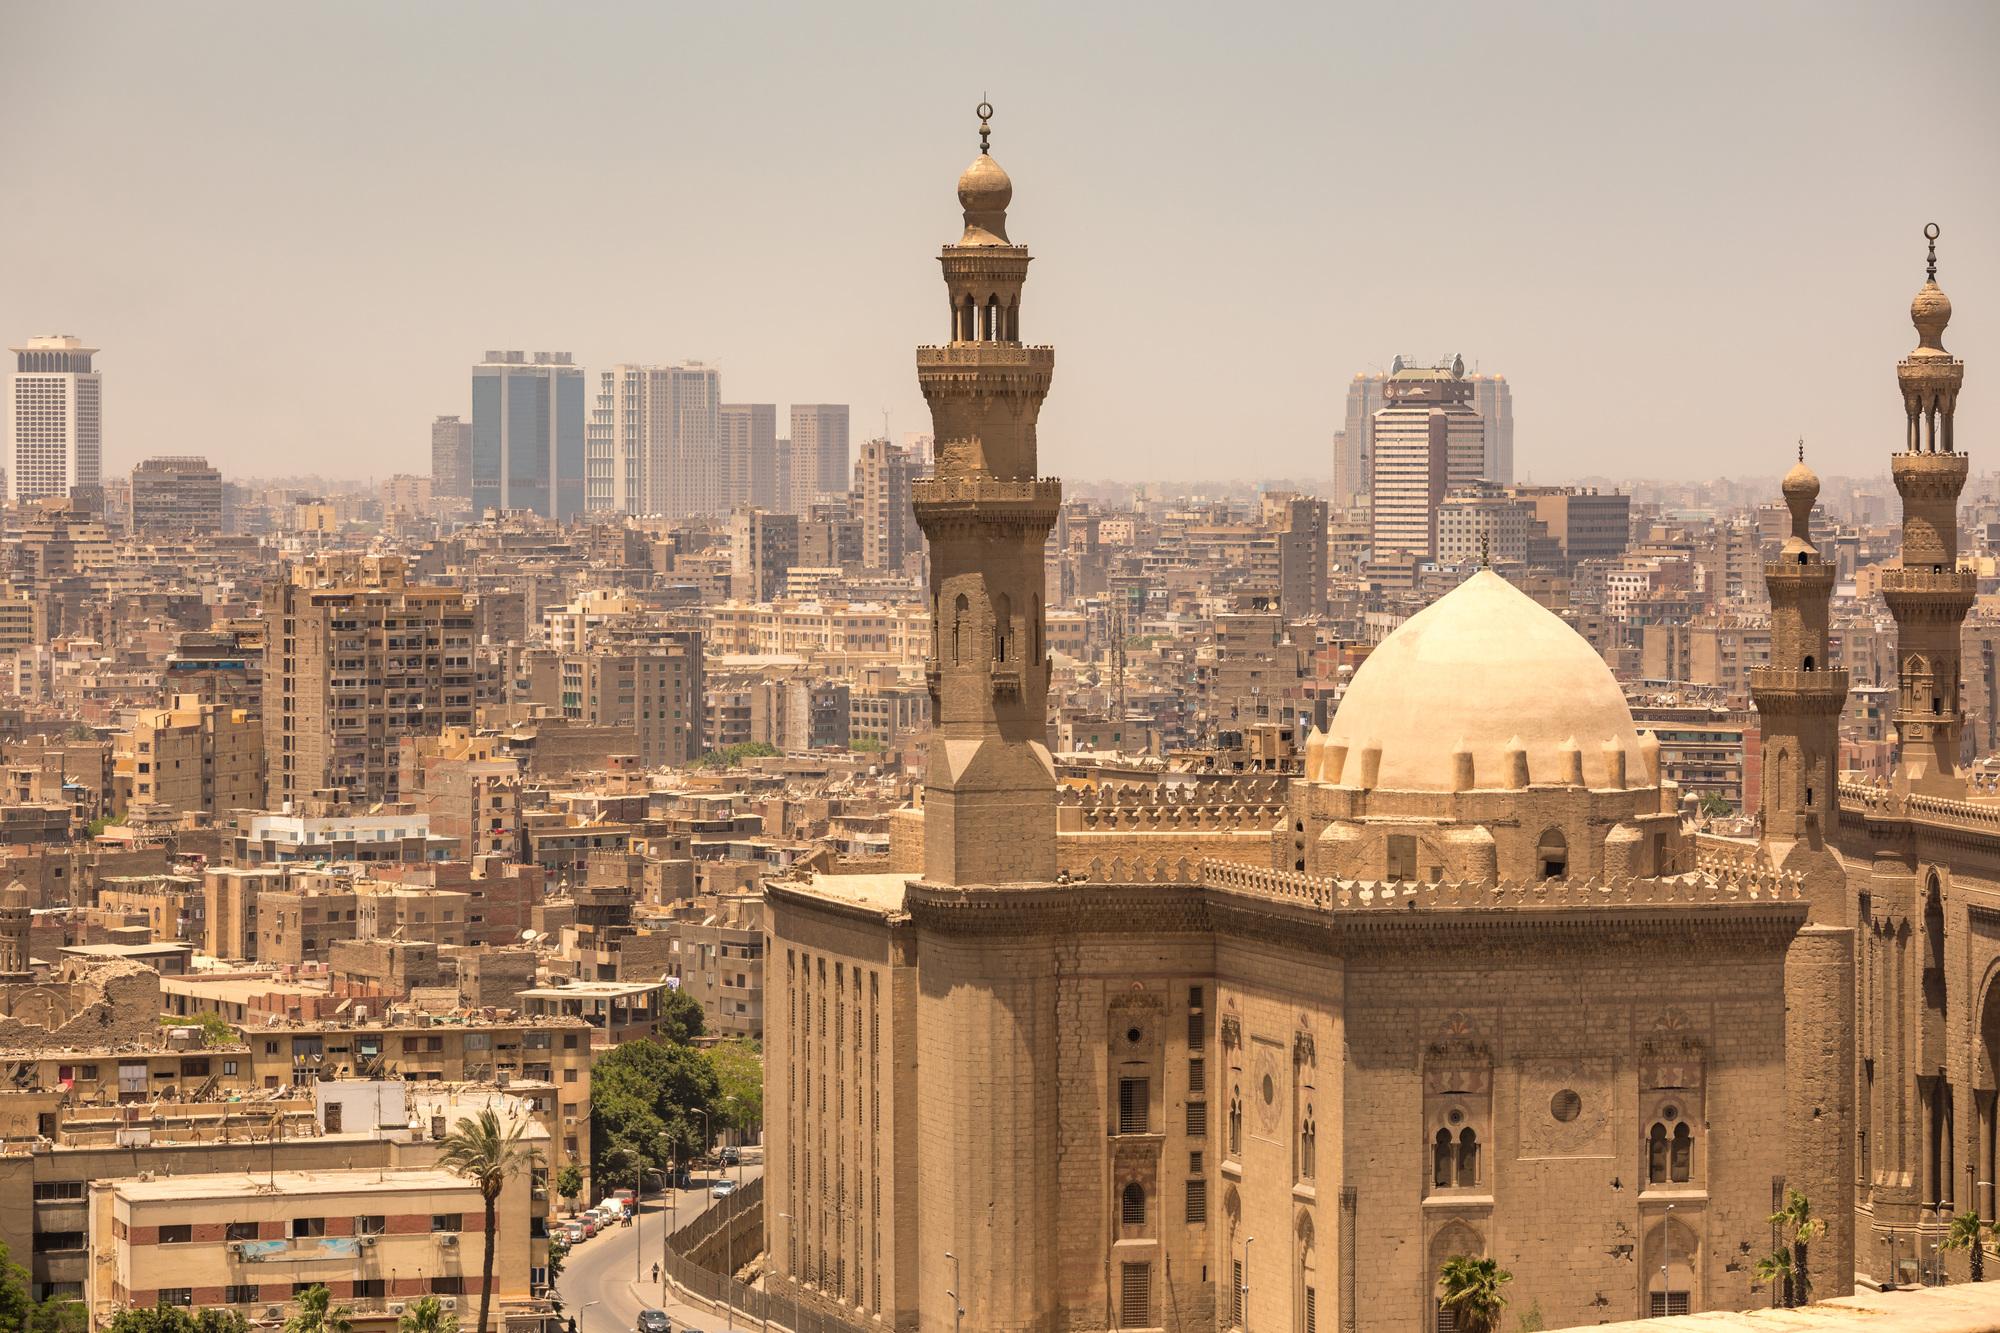 【エジプトの音楽事情】「女性がエンジニアになって何が悪い!」 社会へのメッセージを発するヒップホップ